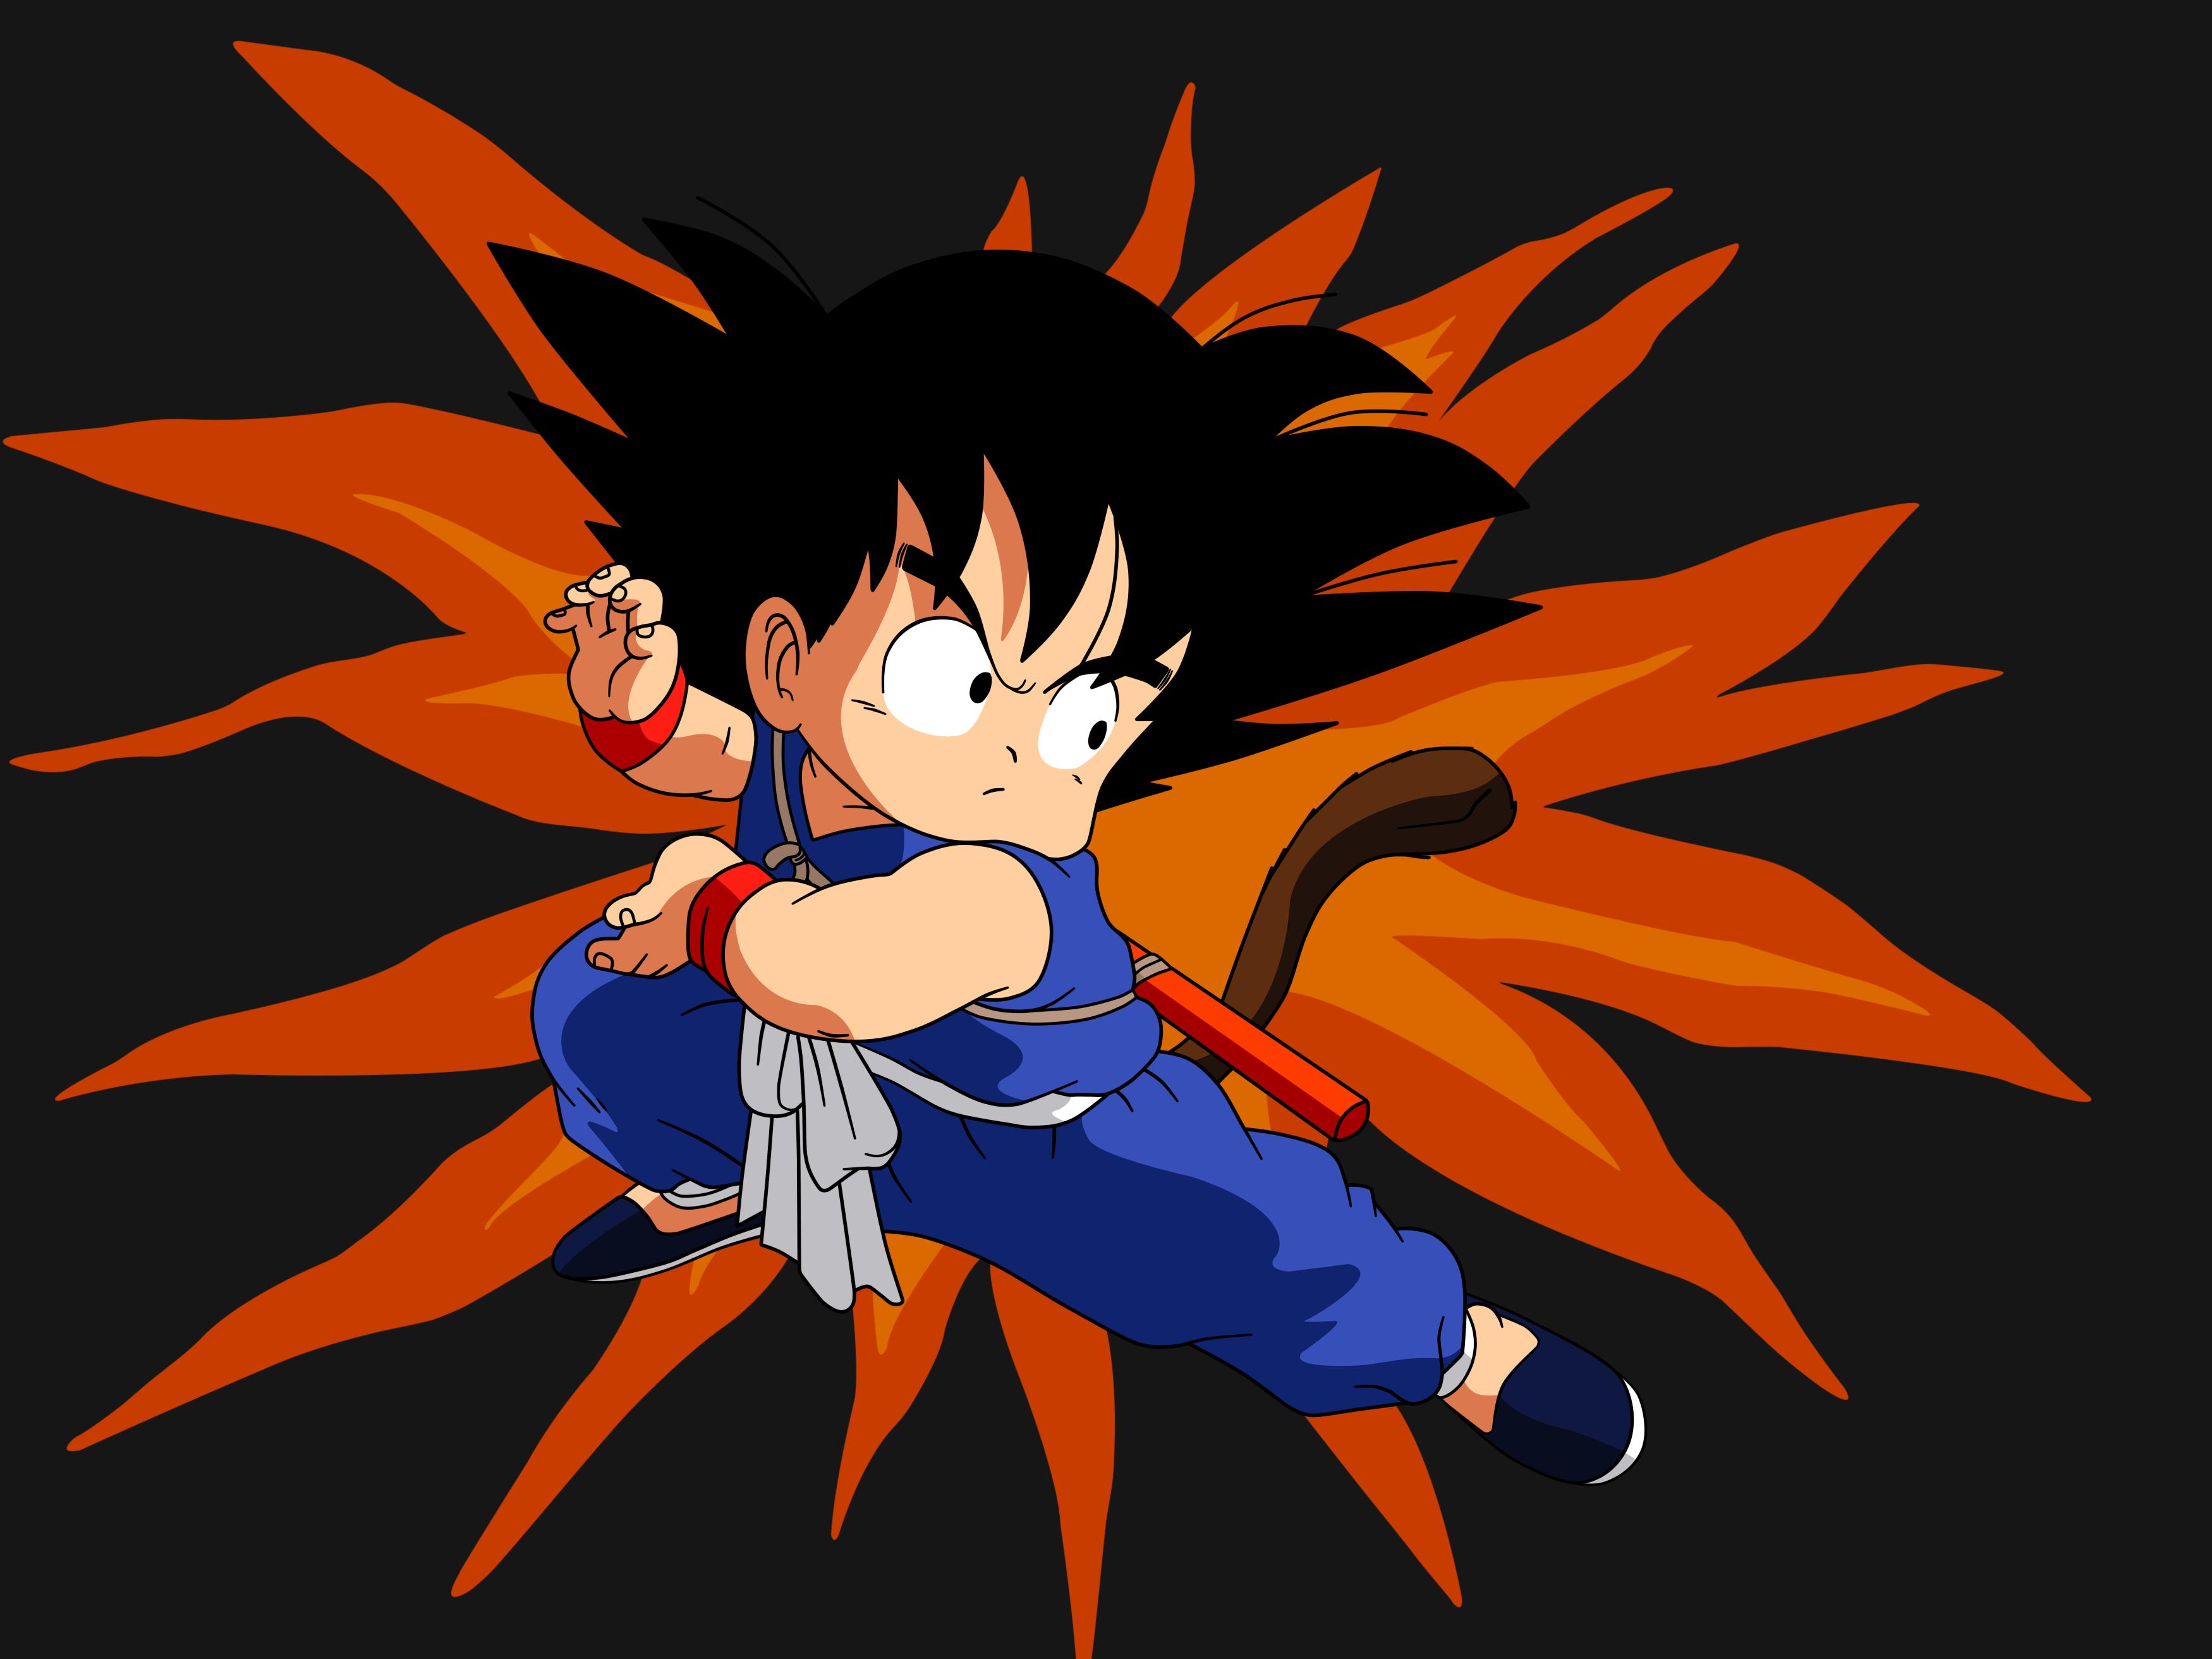 Kid Goku Wallpaper - WallpaperSafari